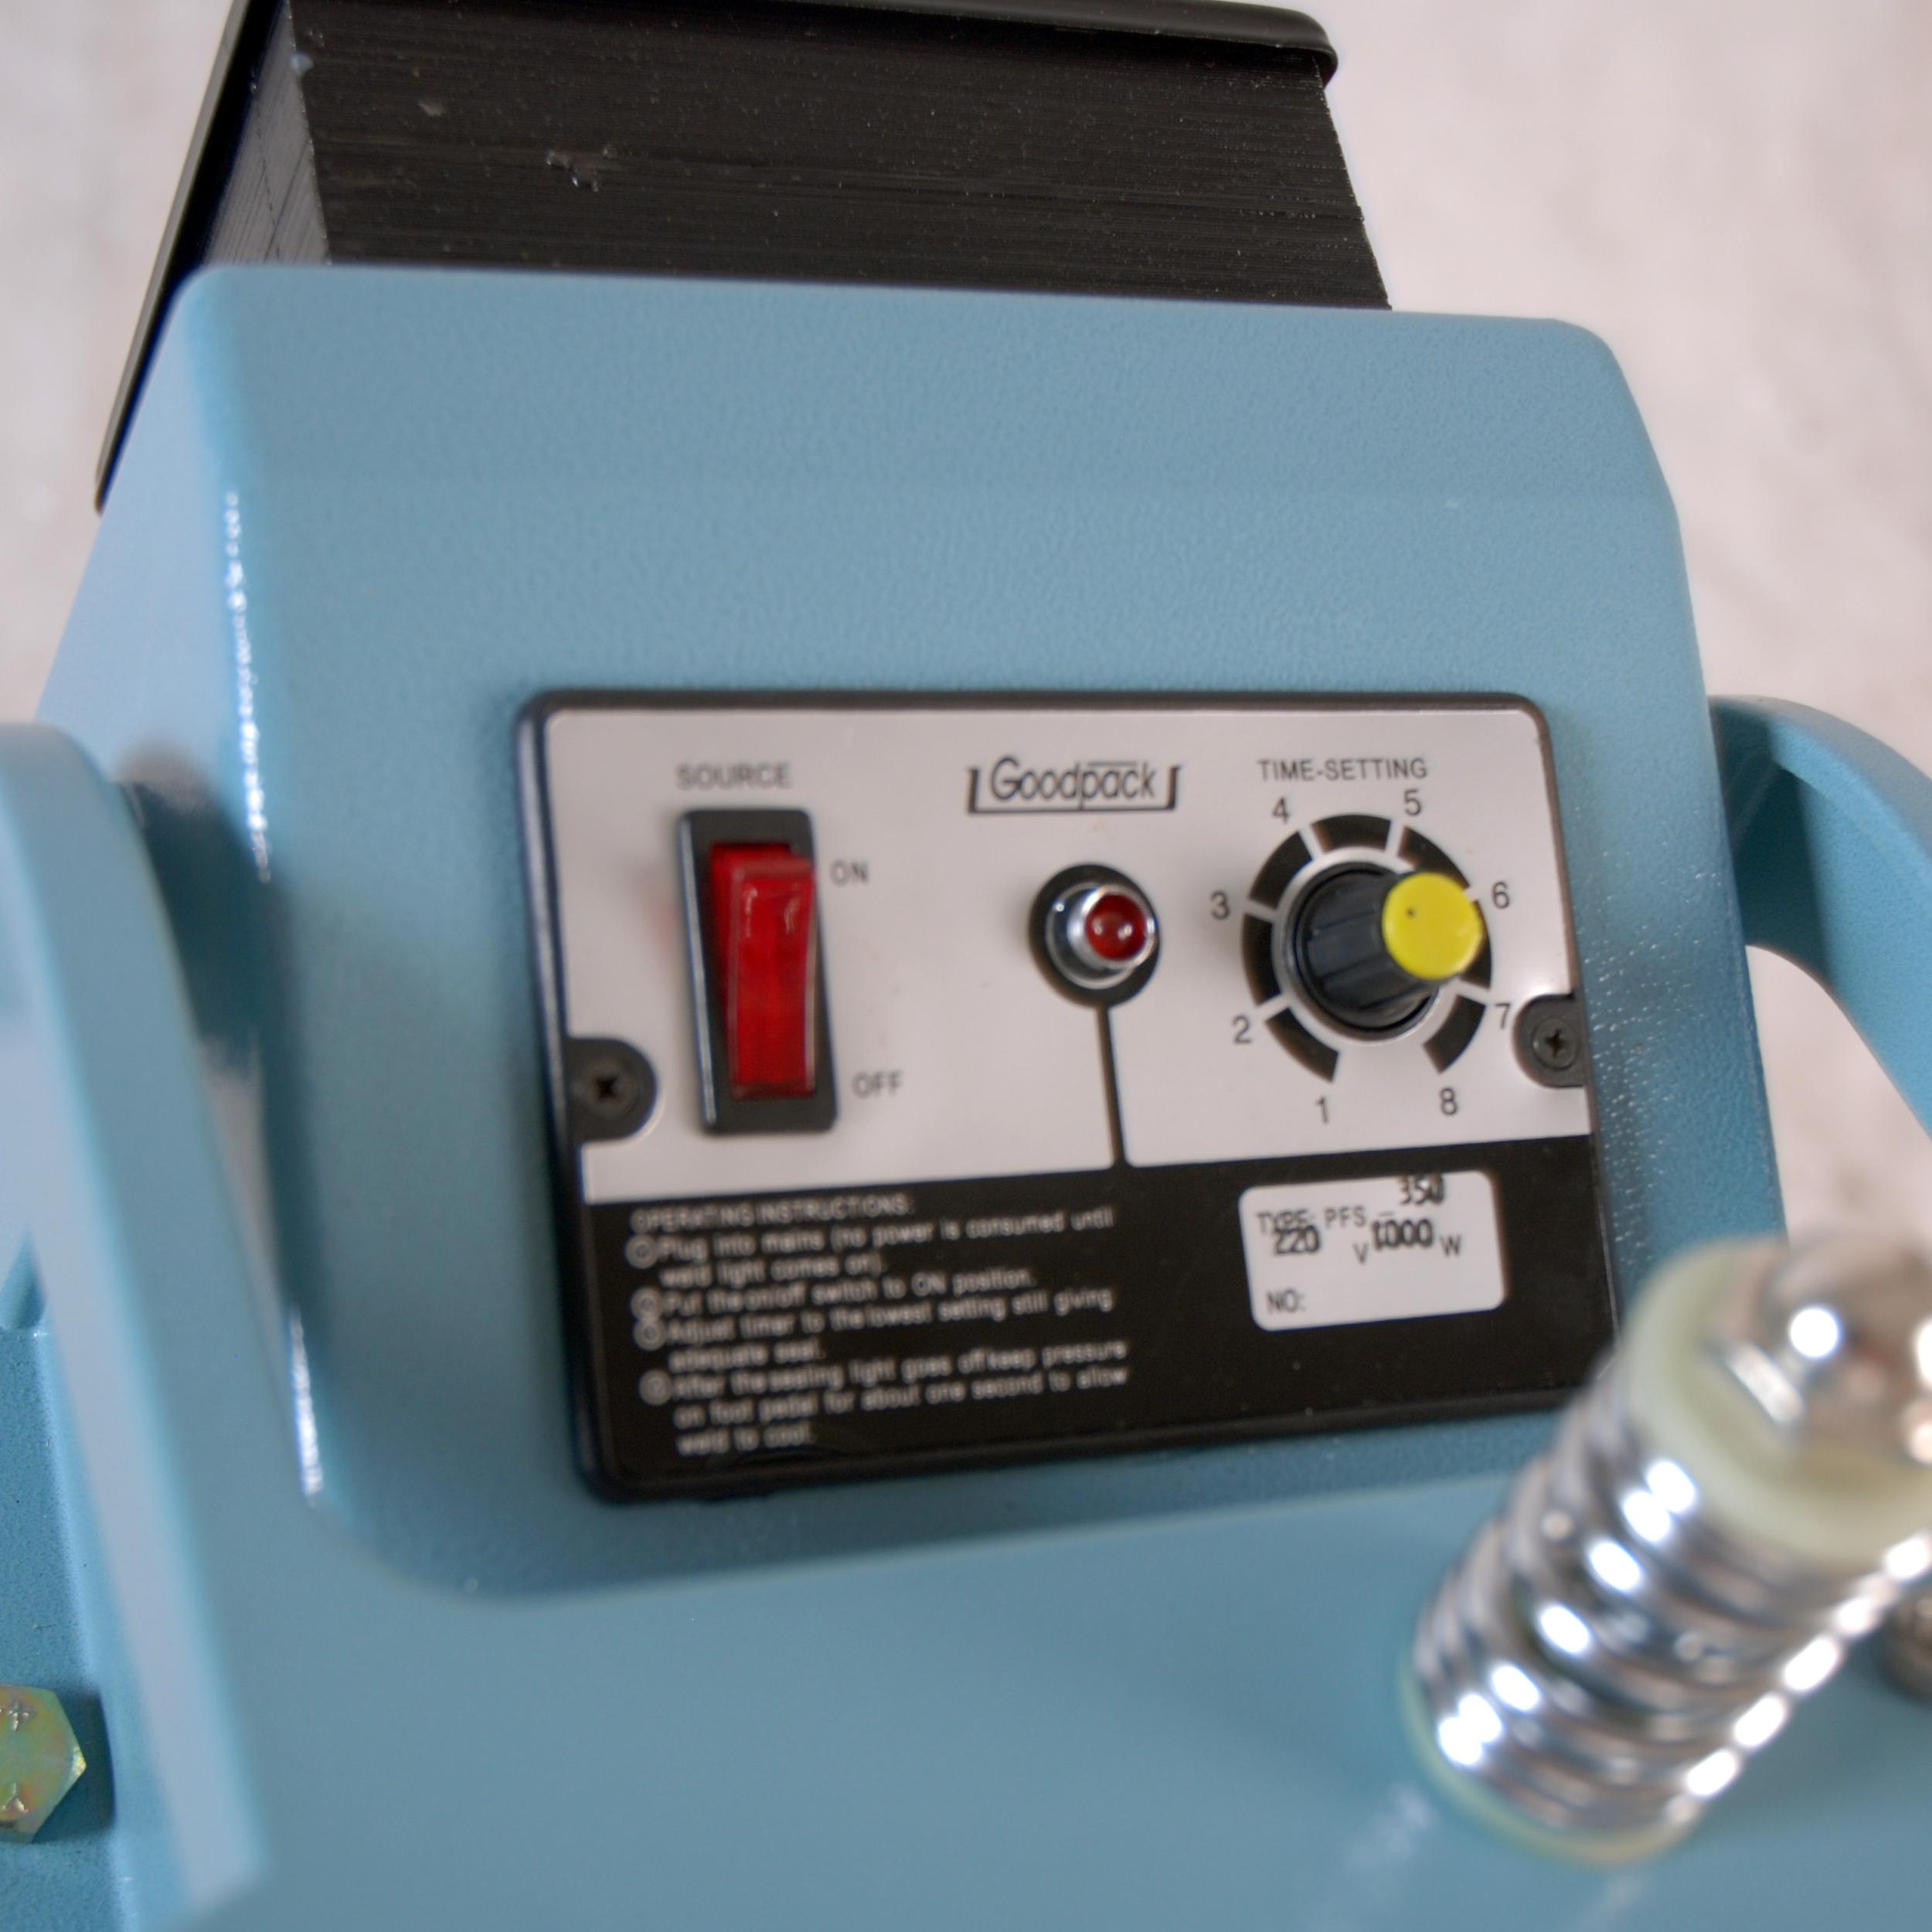 Máy hàn miệng túi dập chân có giá đỡ PFS-450, hàn miệng túi dạng nhiệt phù hợp cho bánh kẹo, thực phẩm, tặng kèm dây hàn nhiệt, PFS-450